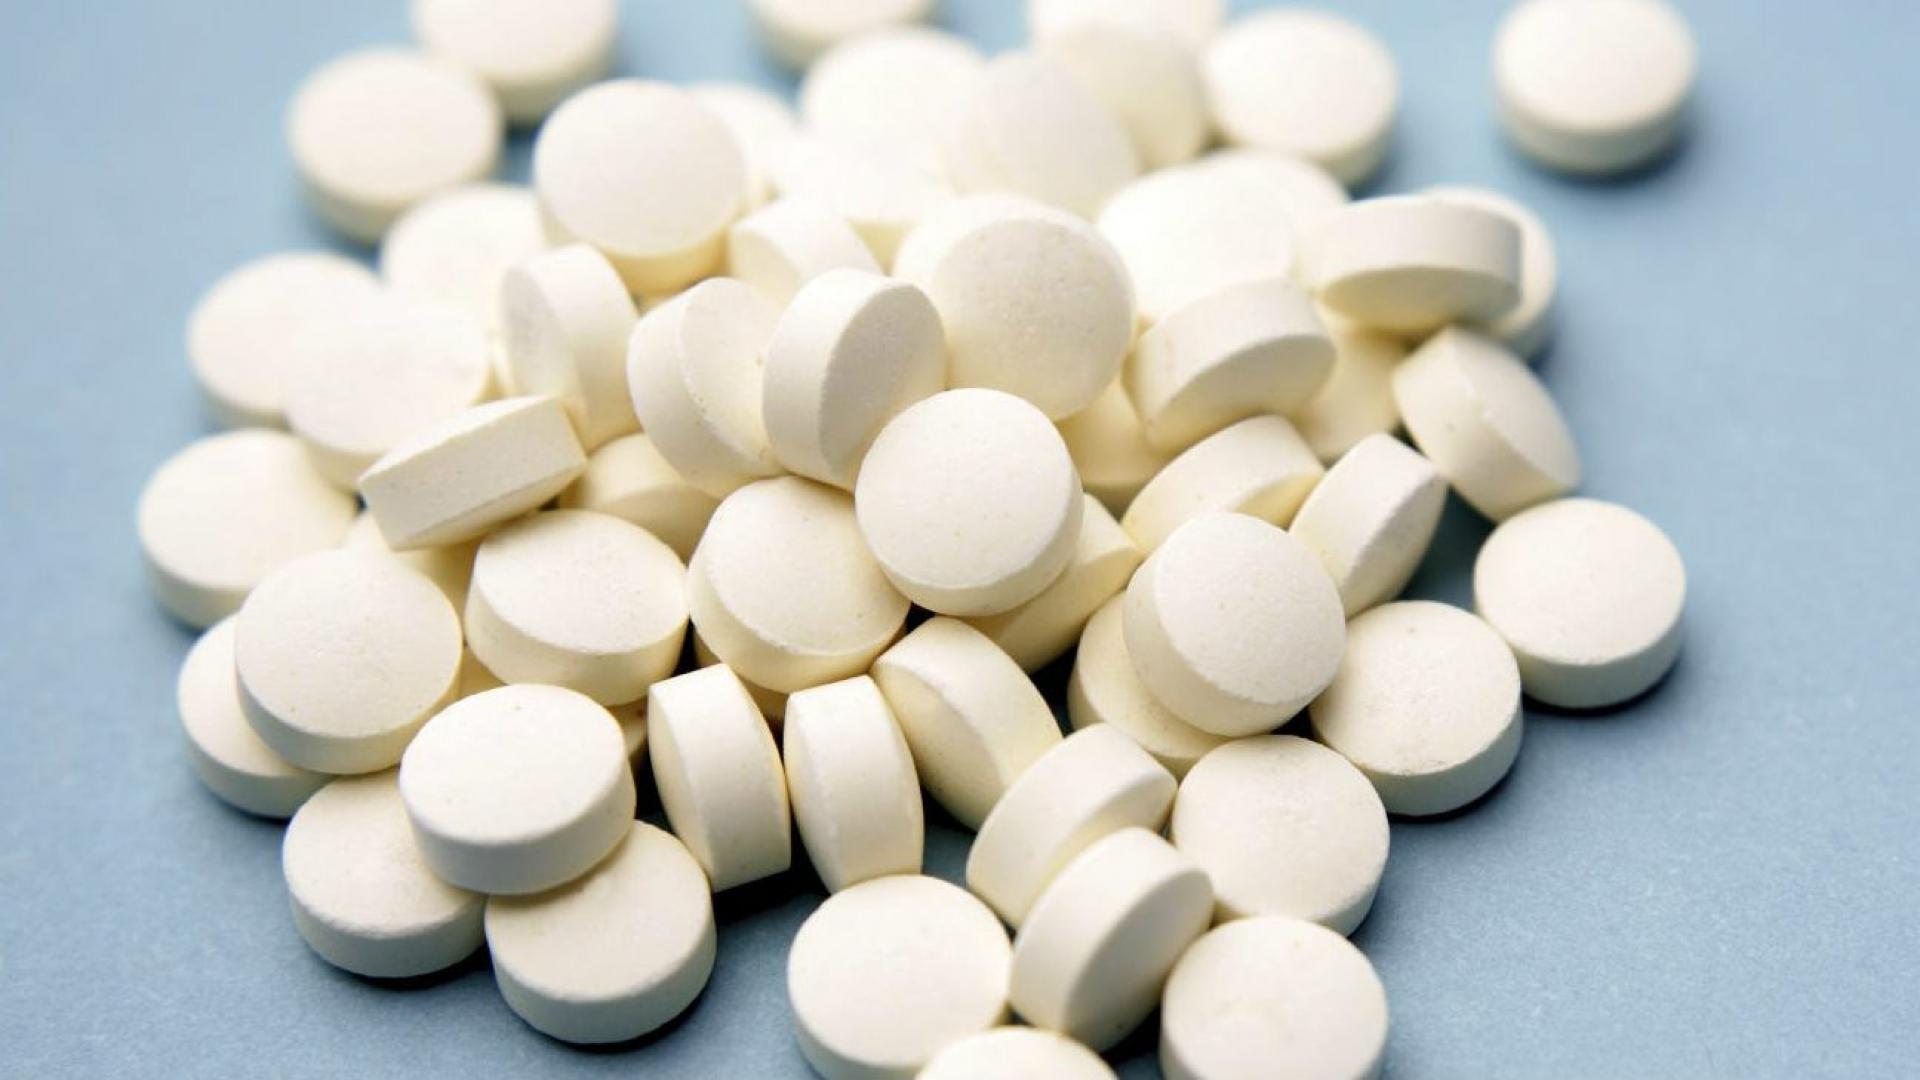 Росздравнадзор: за последние пять лет объем контрафактных лекарственных средств на российском рынке снизился в три раза